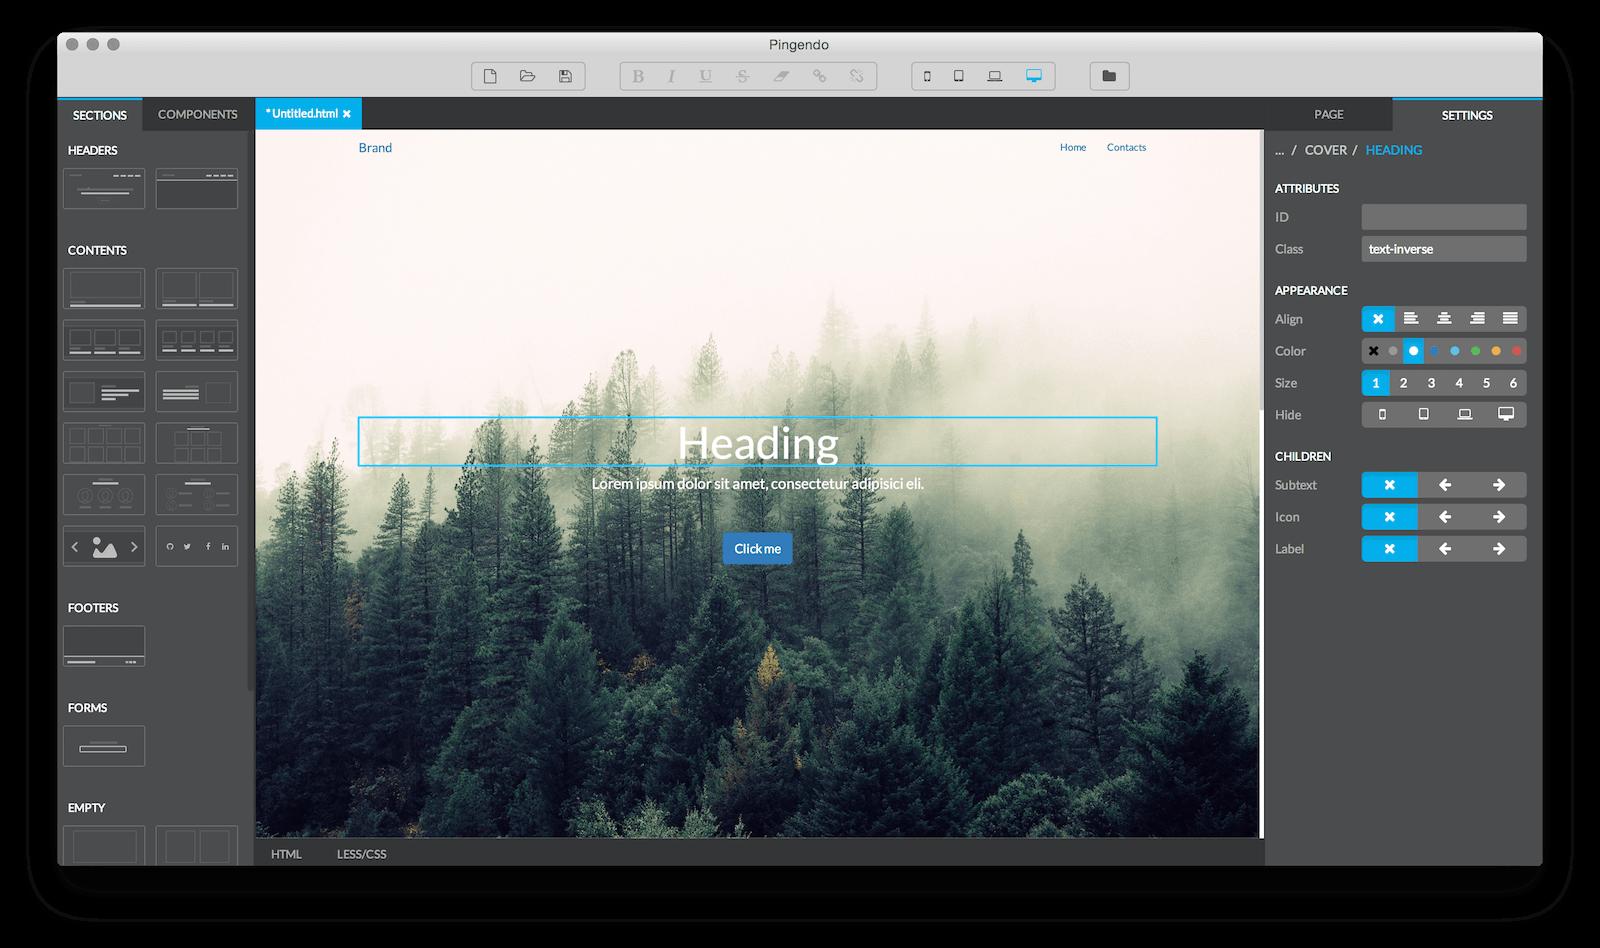 Скрин окна программы Pingendo